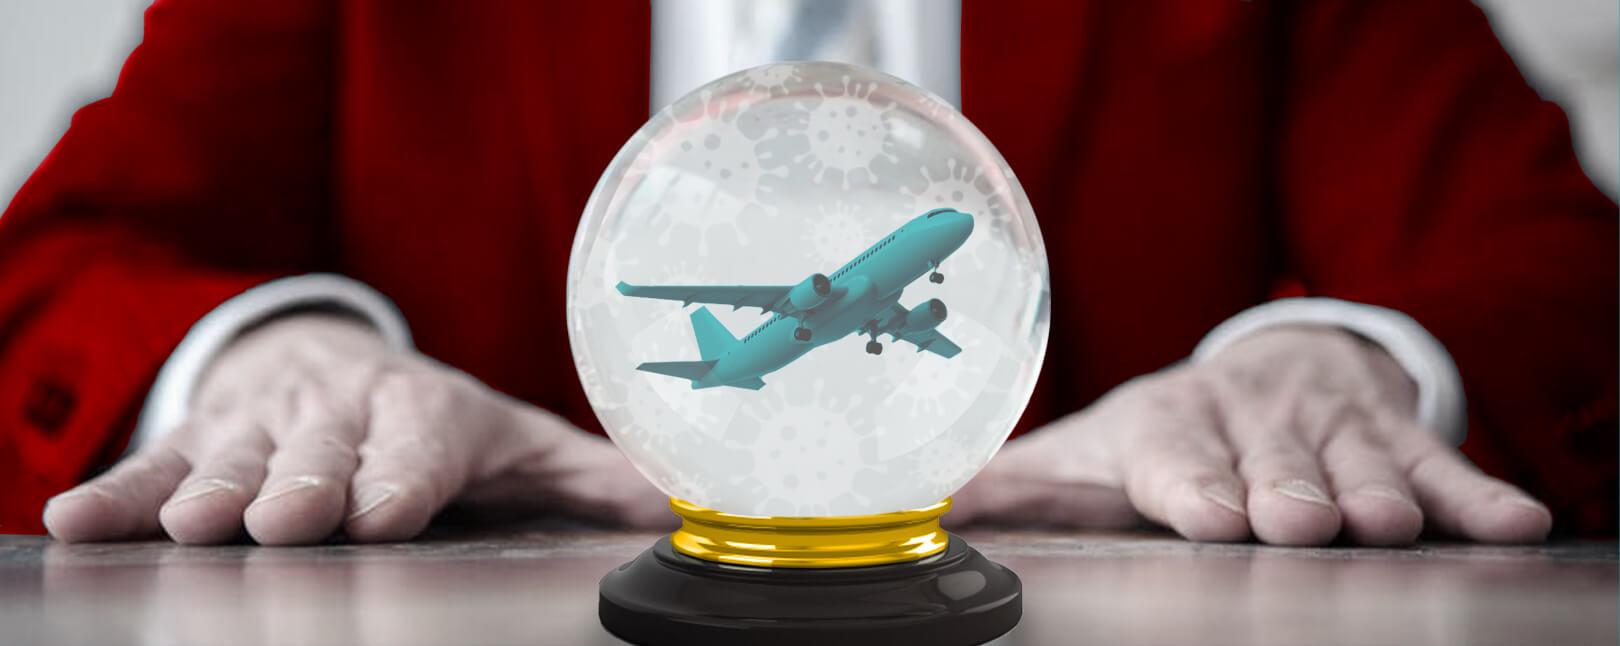 2021 Chargeback Travel Forecast